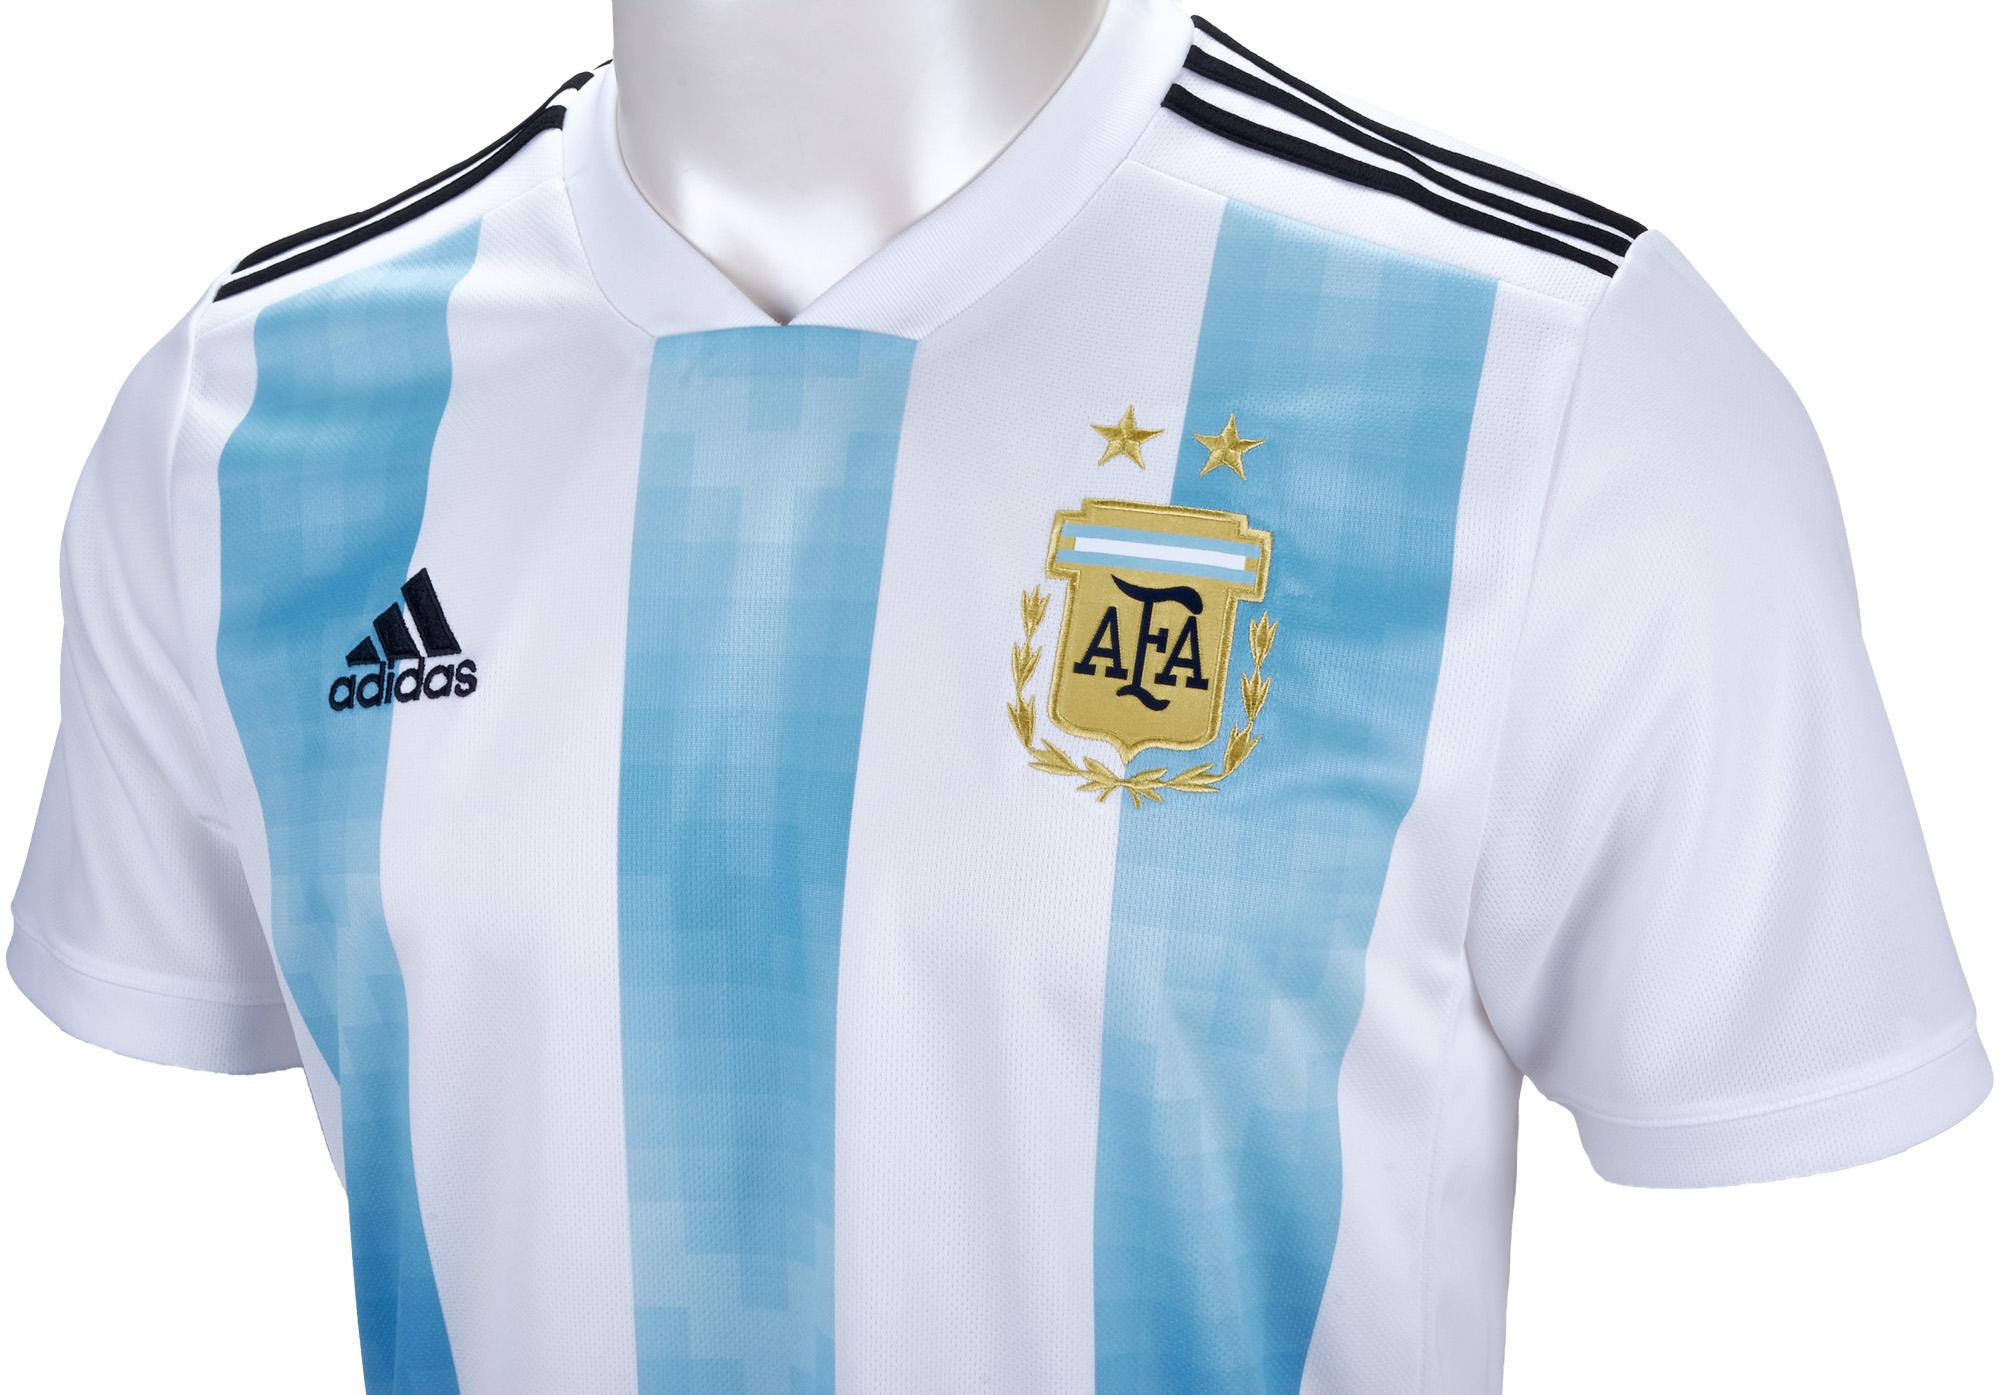 Resultado de imagen para argentina home jersey 2018